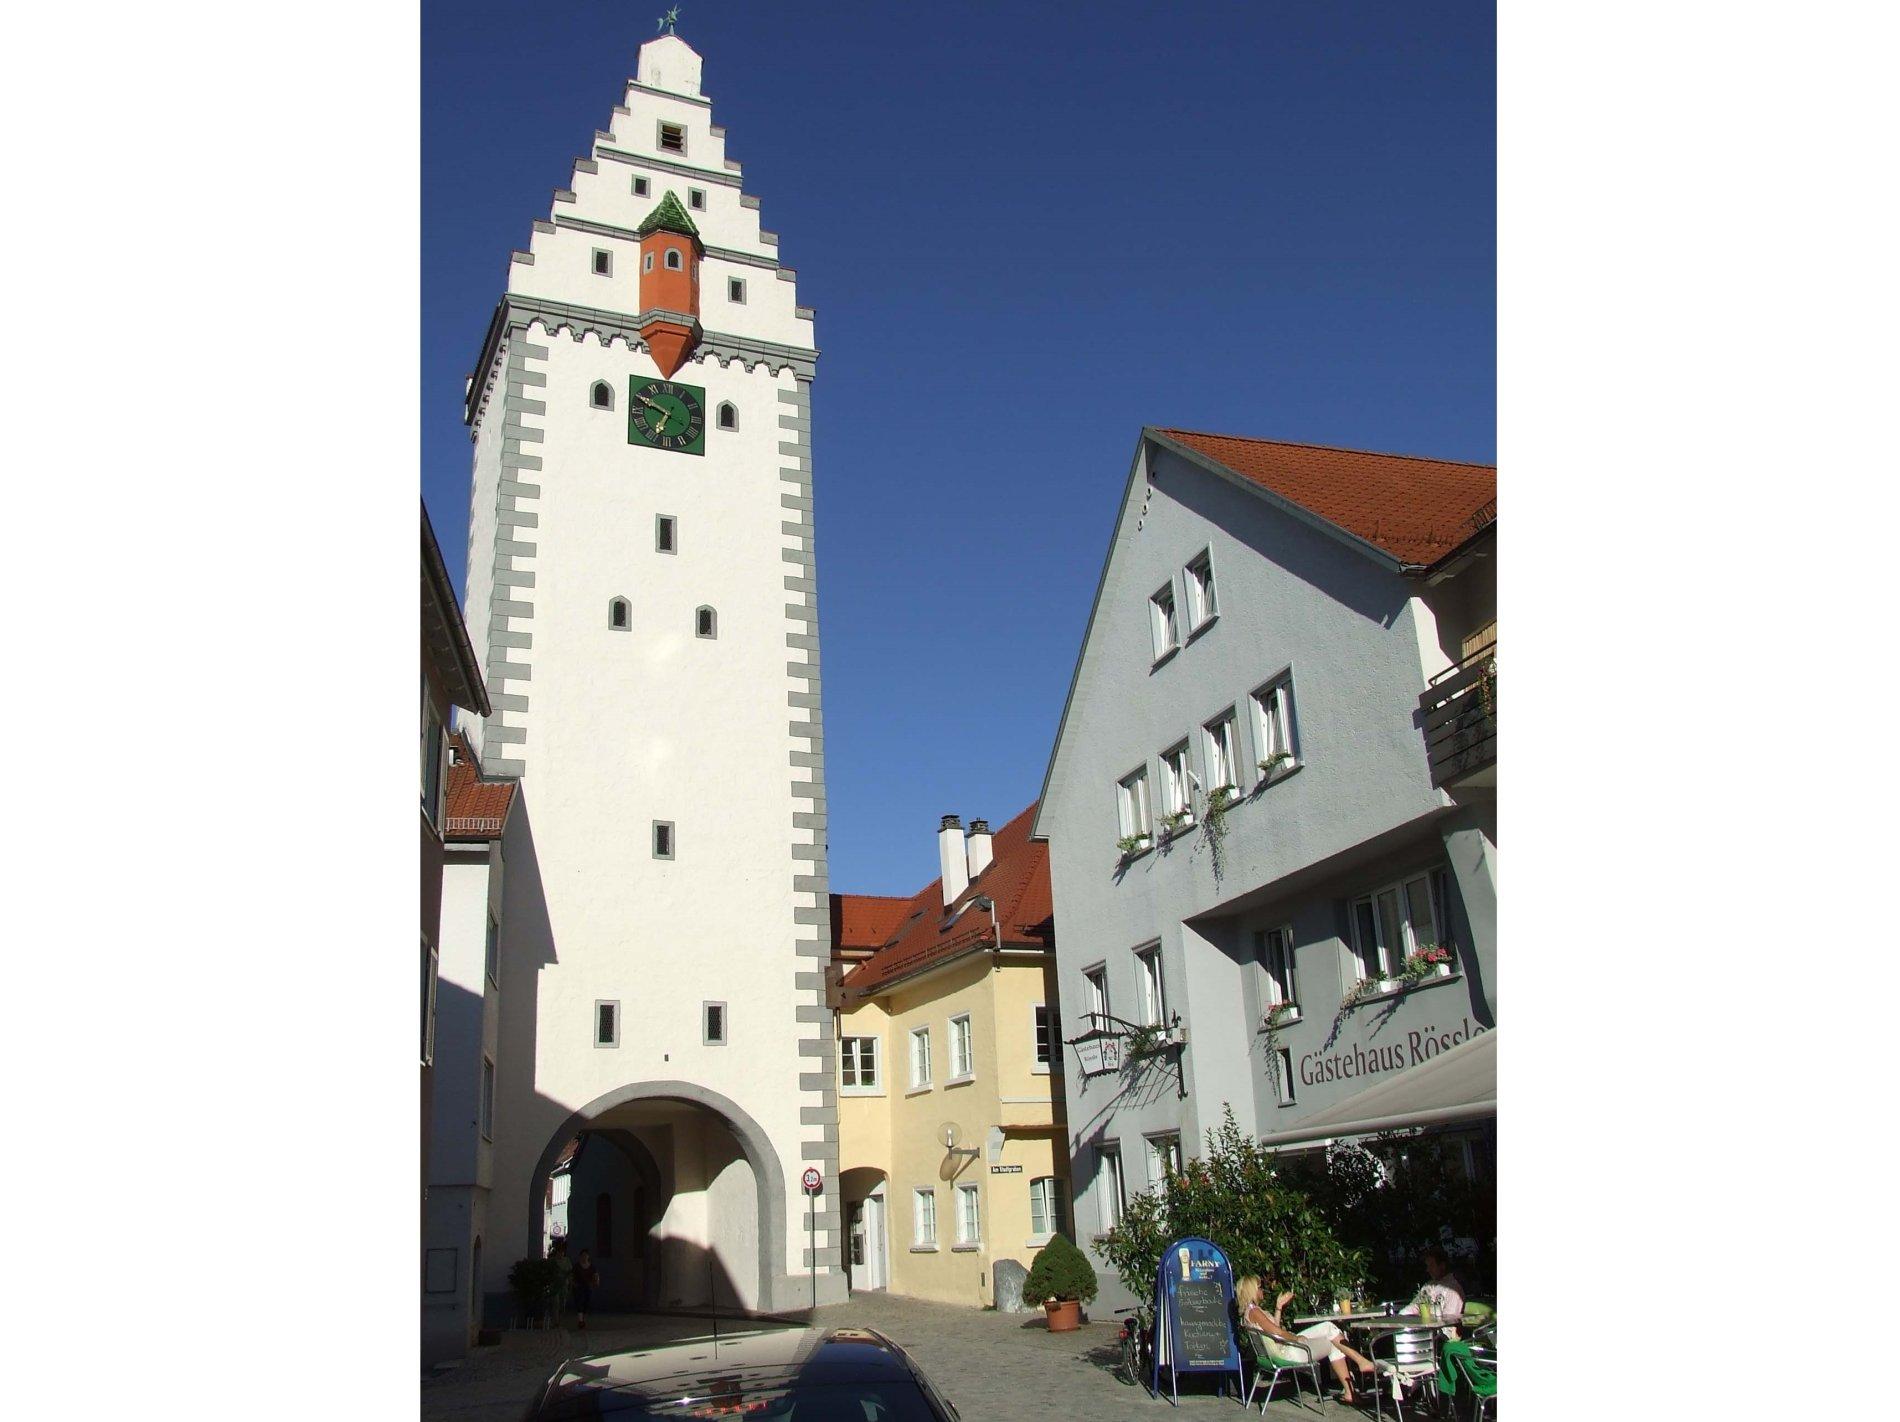 Eingangsseite des Gästehaus neben dem Wurzacher Tor